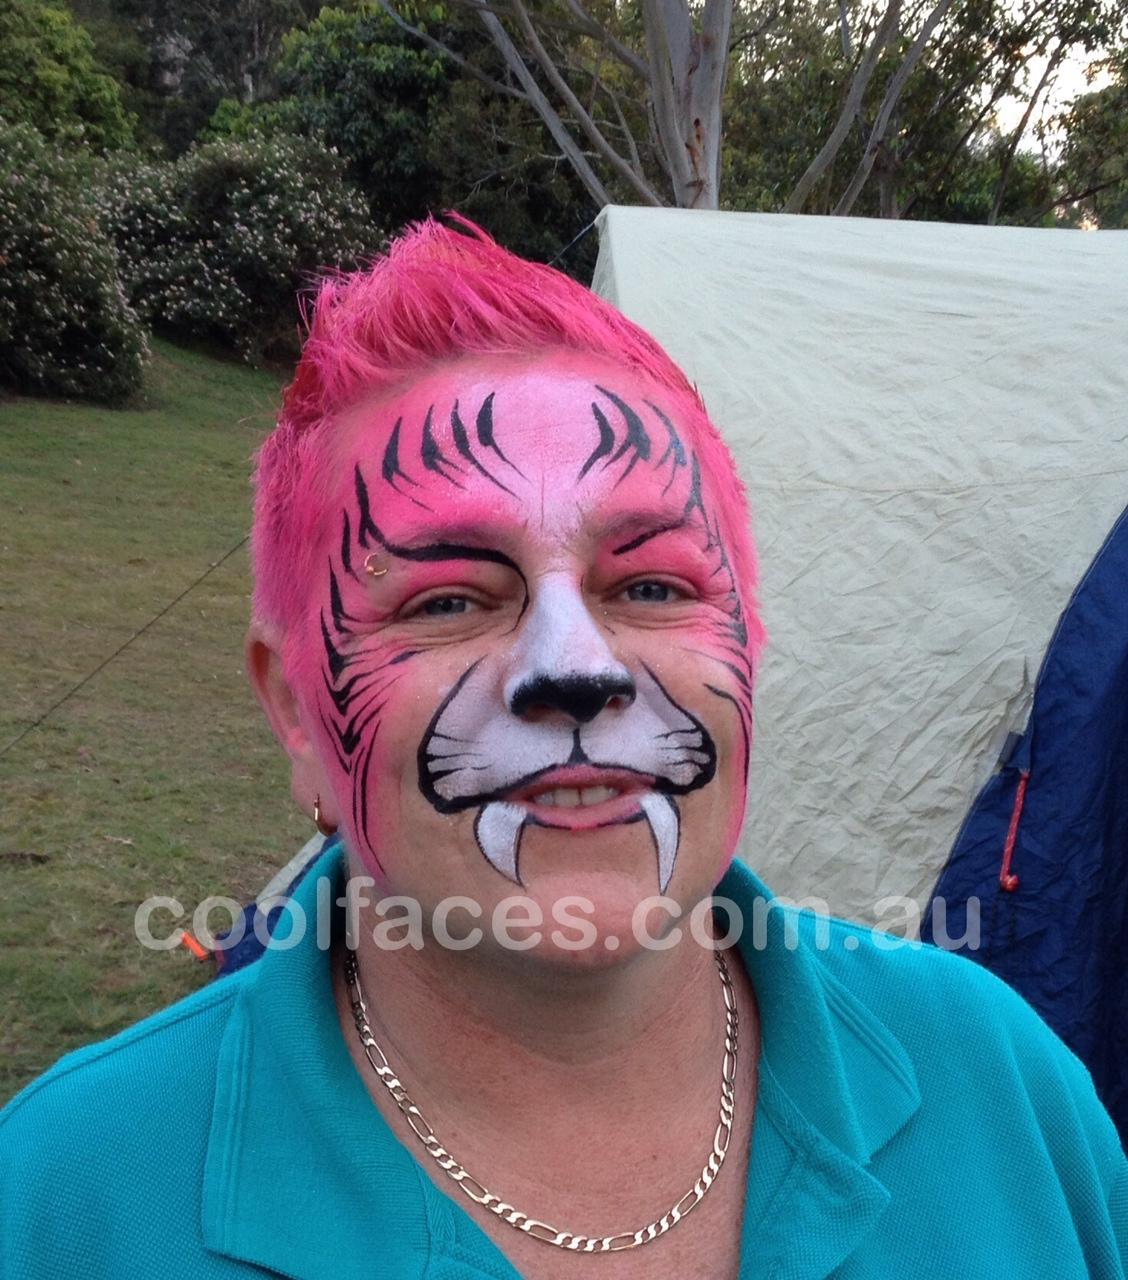 Face Painter Brisbane